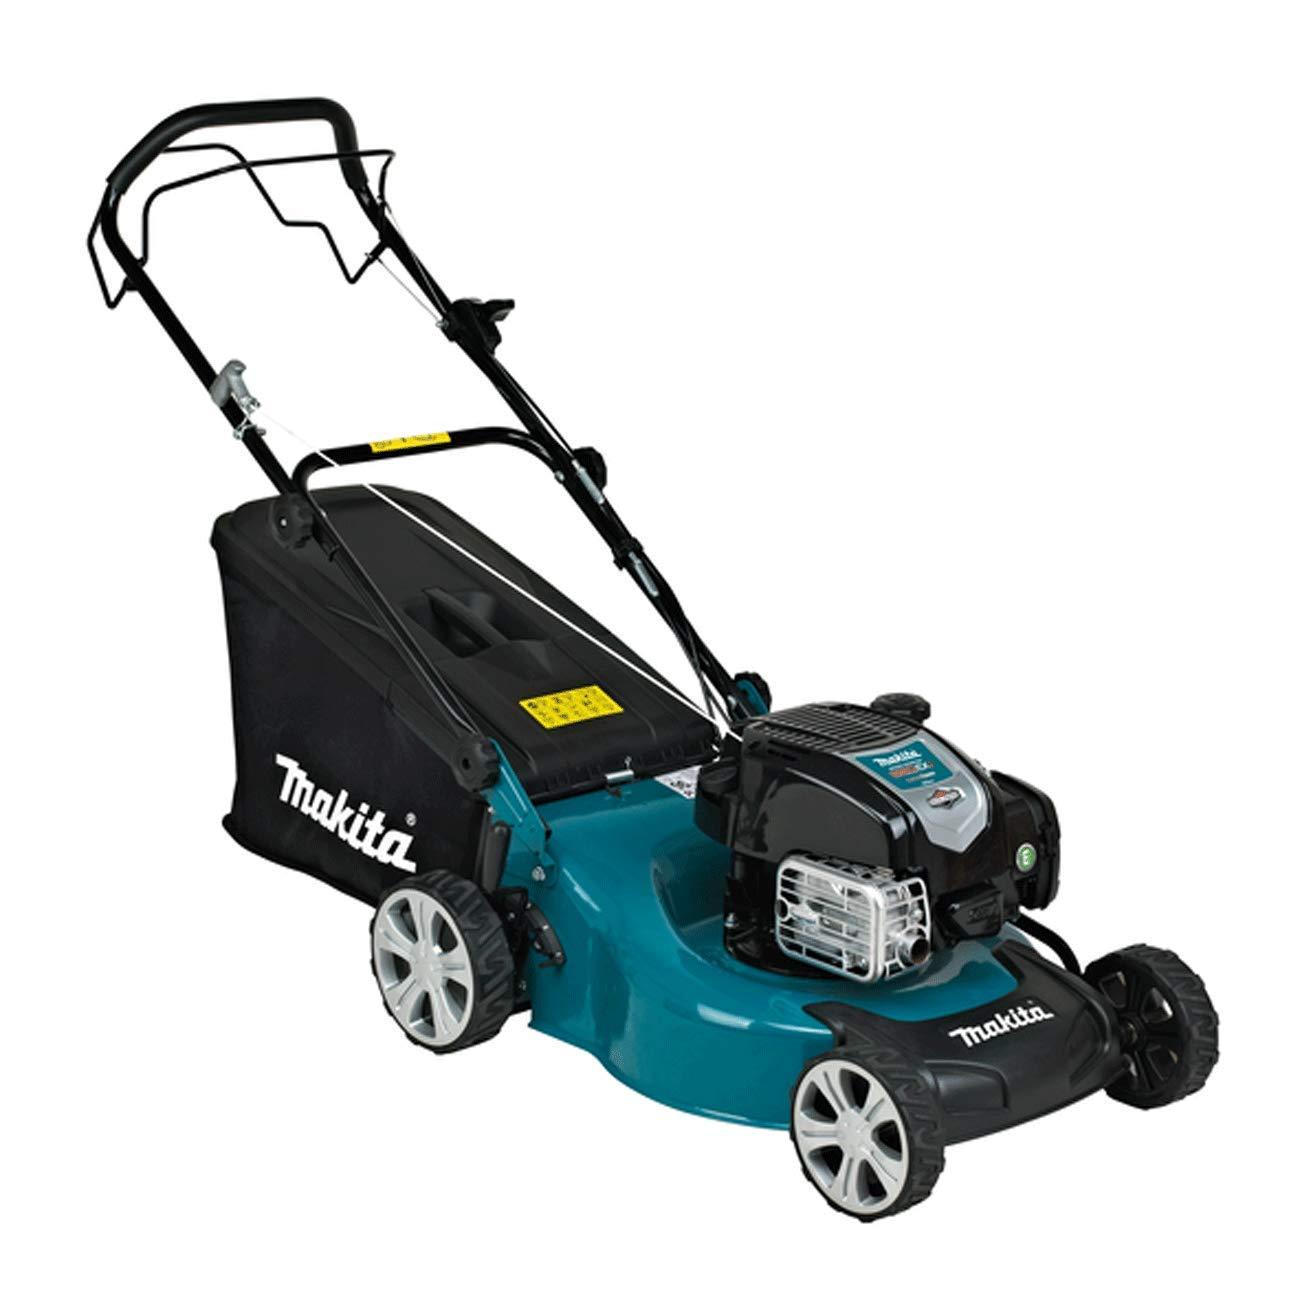 Makita PLM4621N2 Walk behind lawn mower Gasolina cortadora de ...